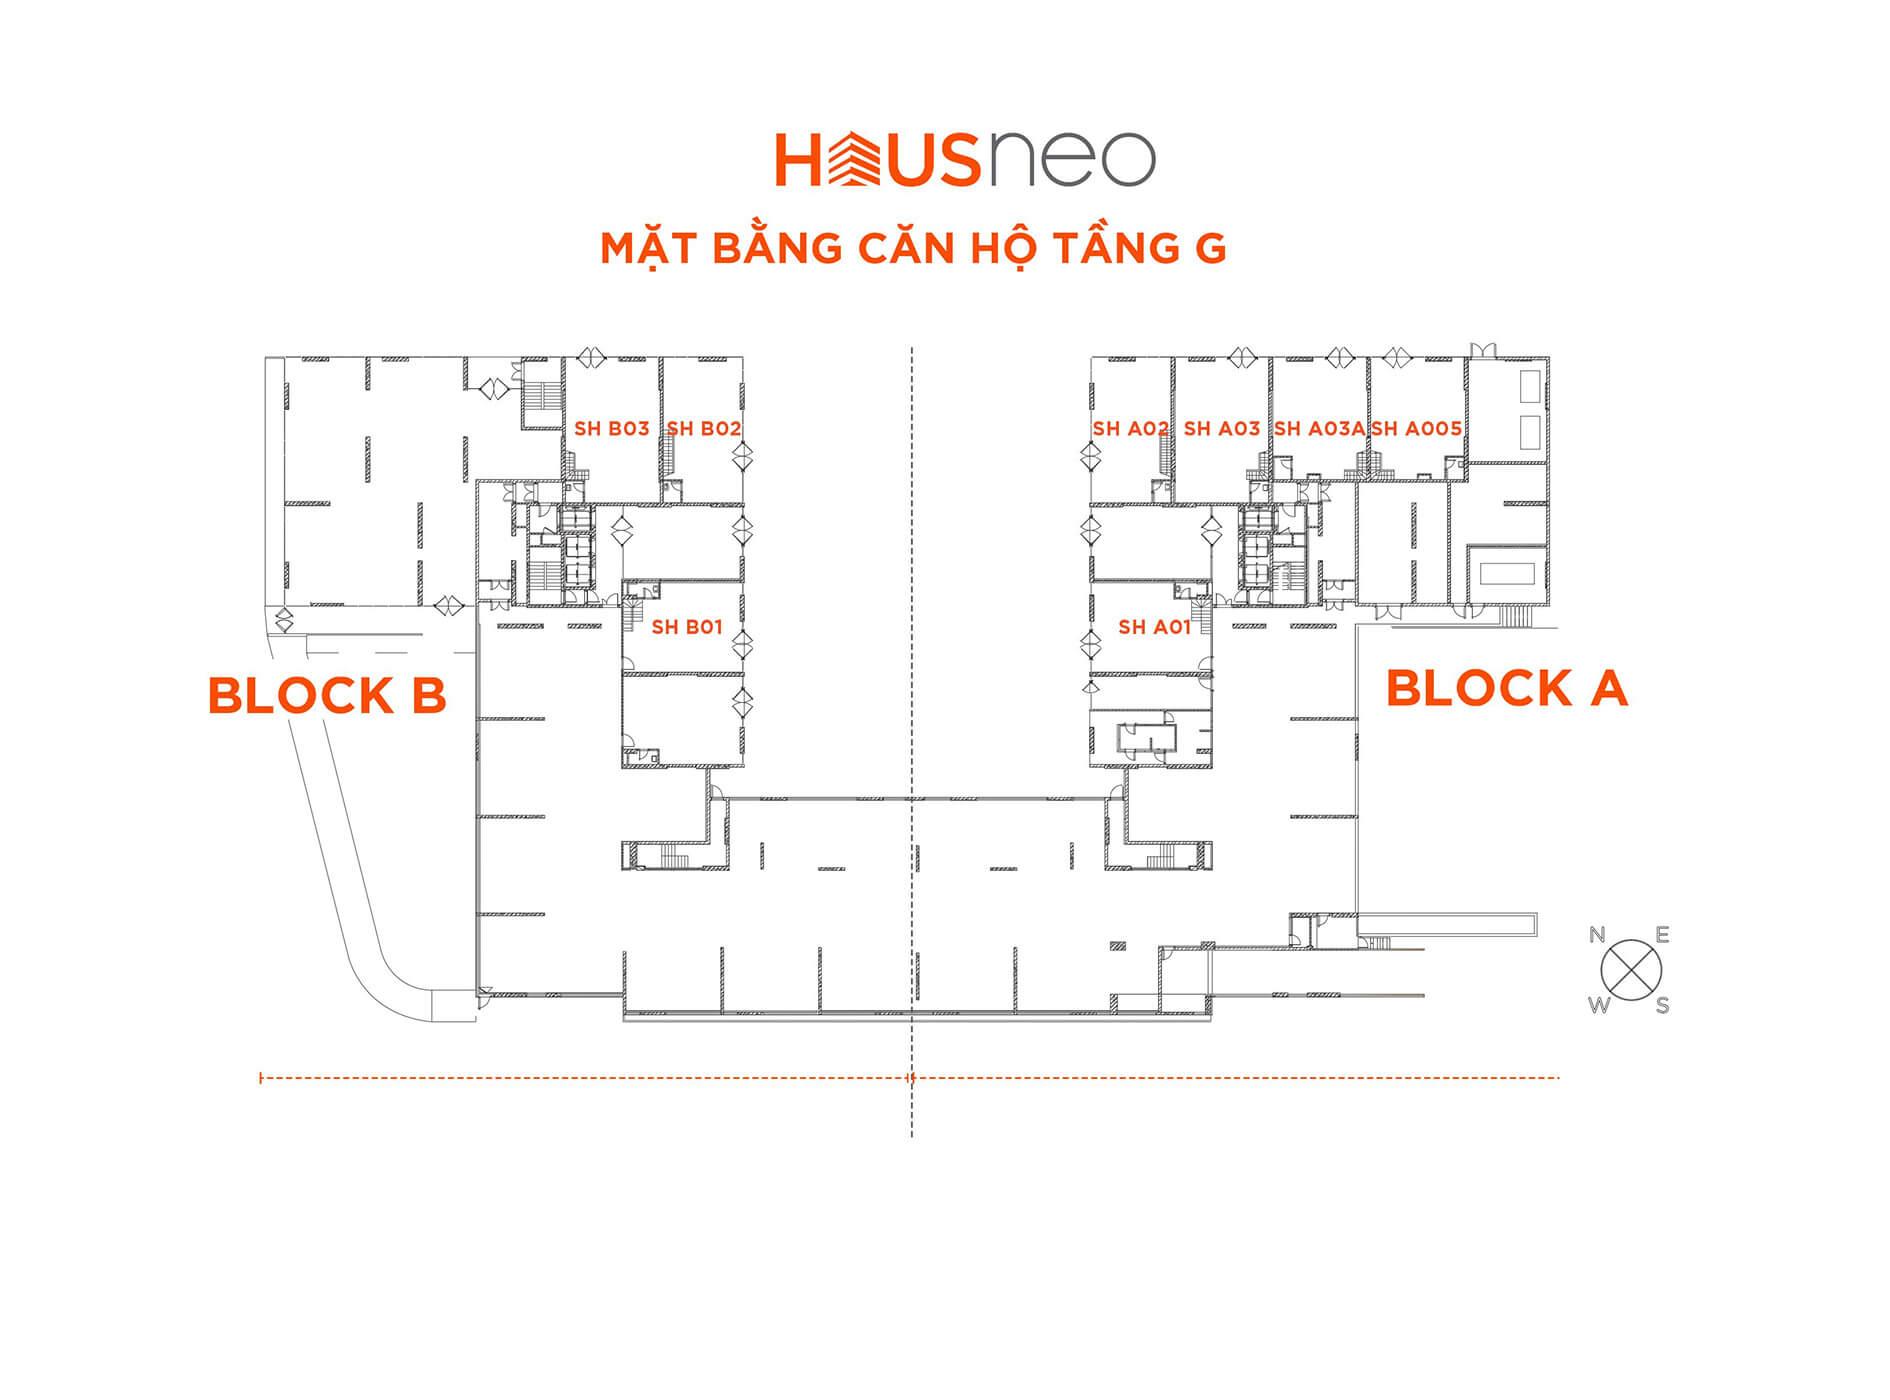 Mặt bằng tầng G căn hộ Hausneo